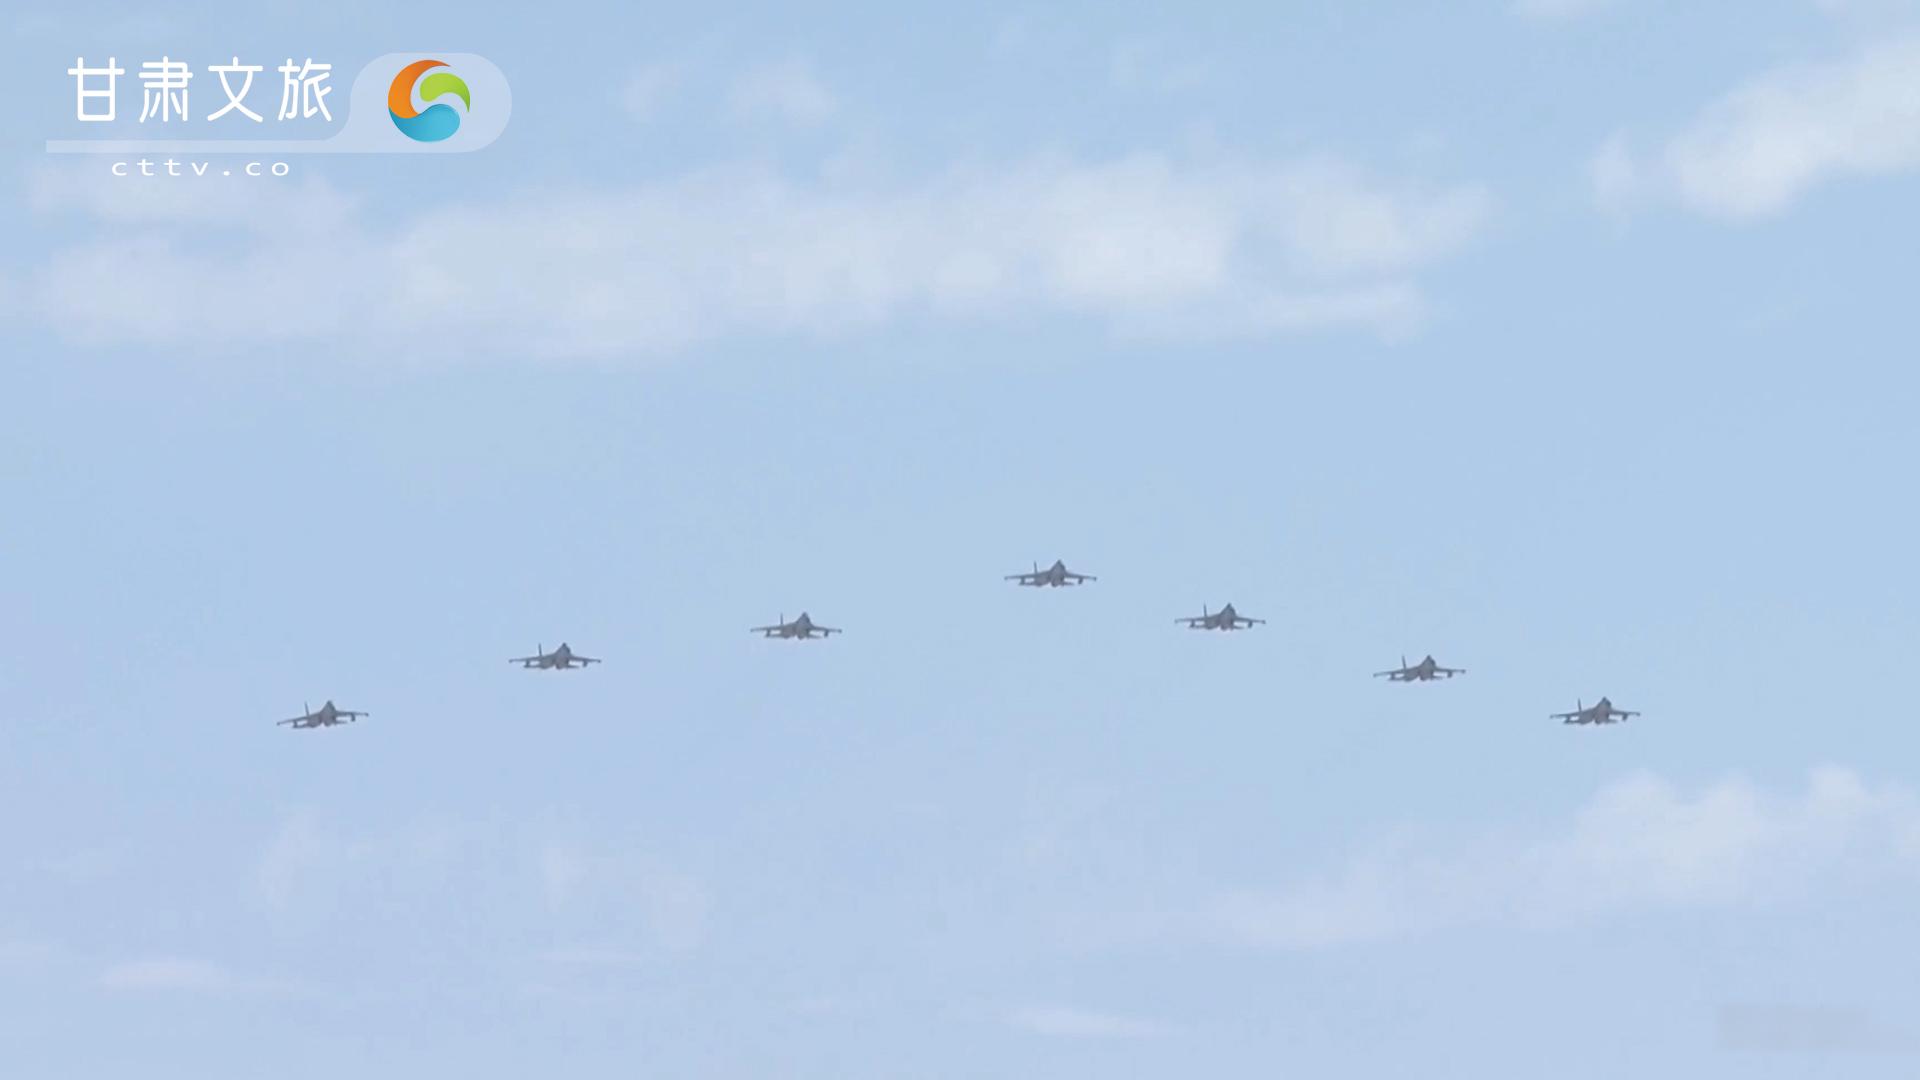 歼-16与苏-30对阵谁更强?两者数据对比,歼16全面碾压